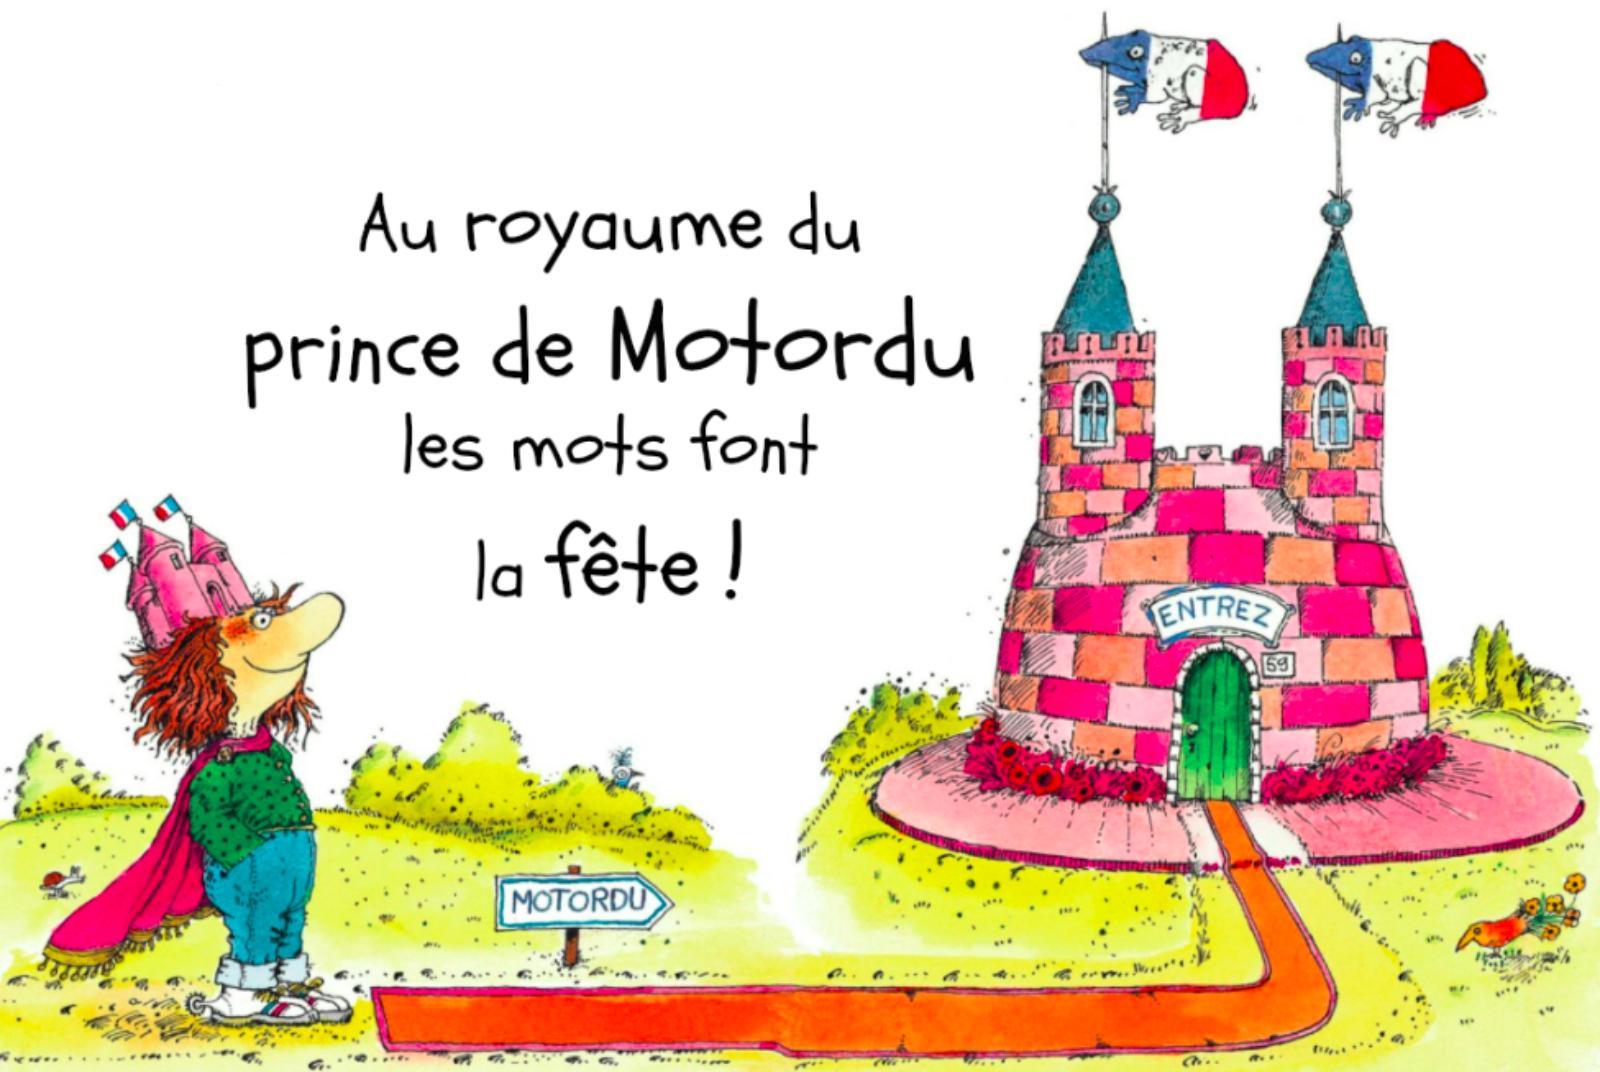 Au royaume du prince de Motordu, les mots font la fête !